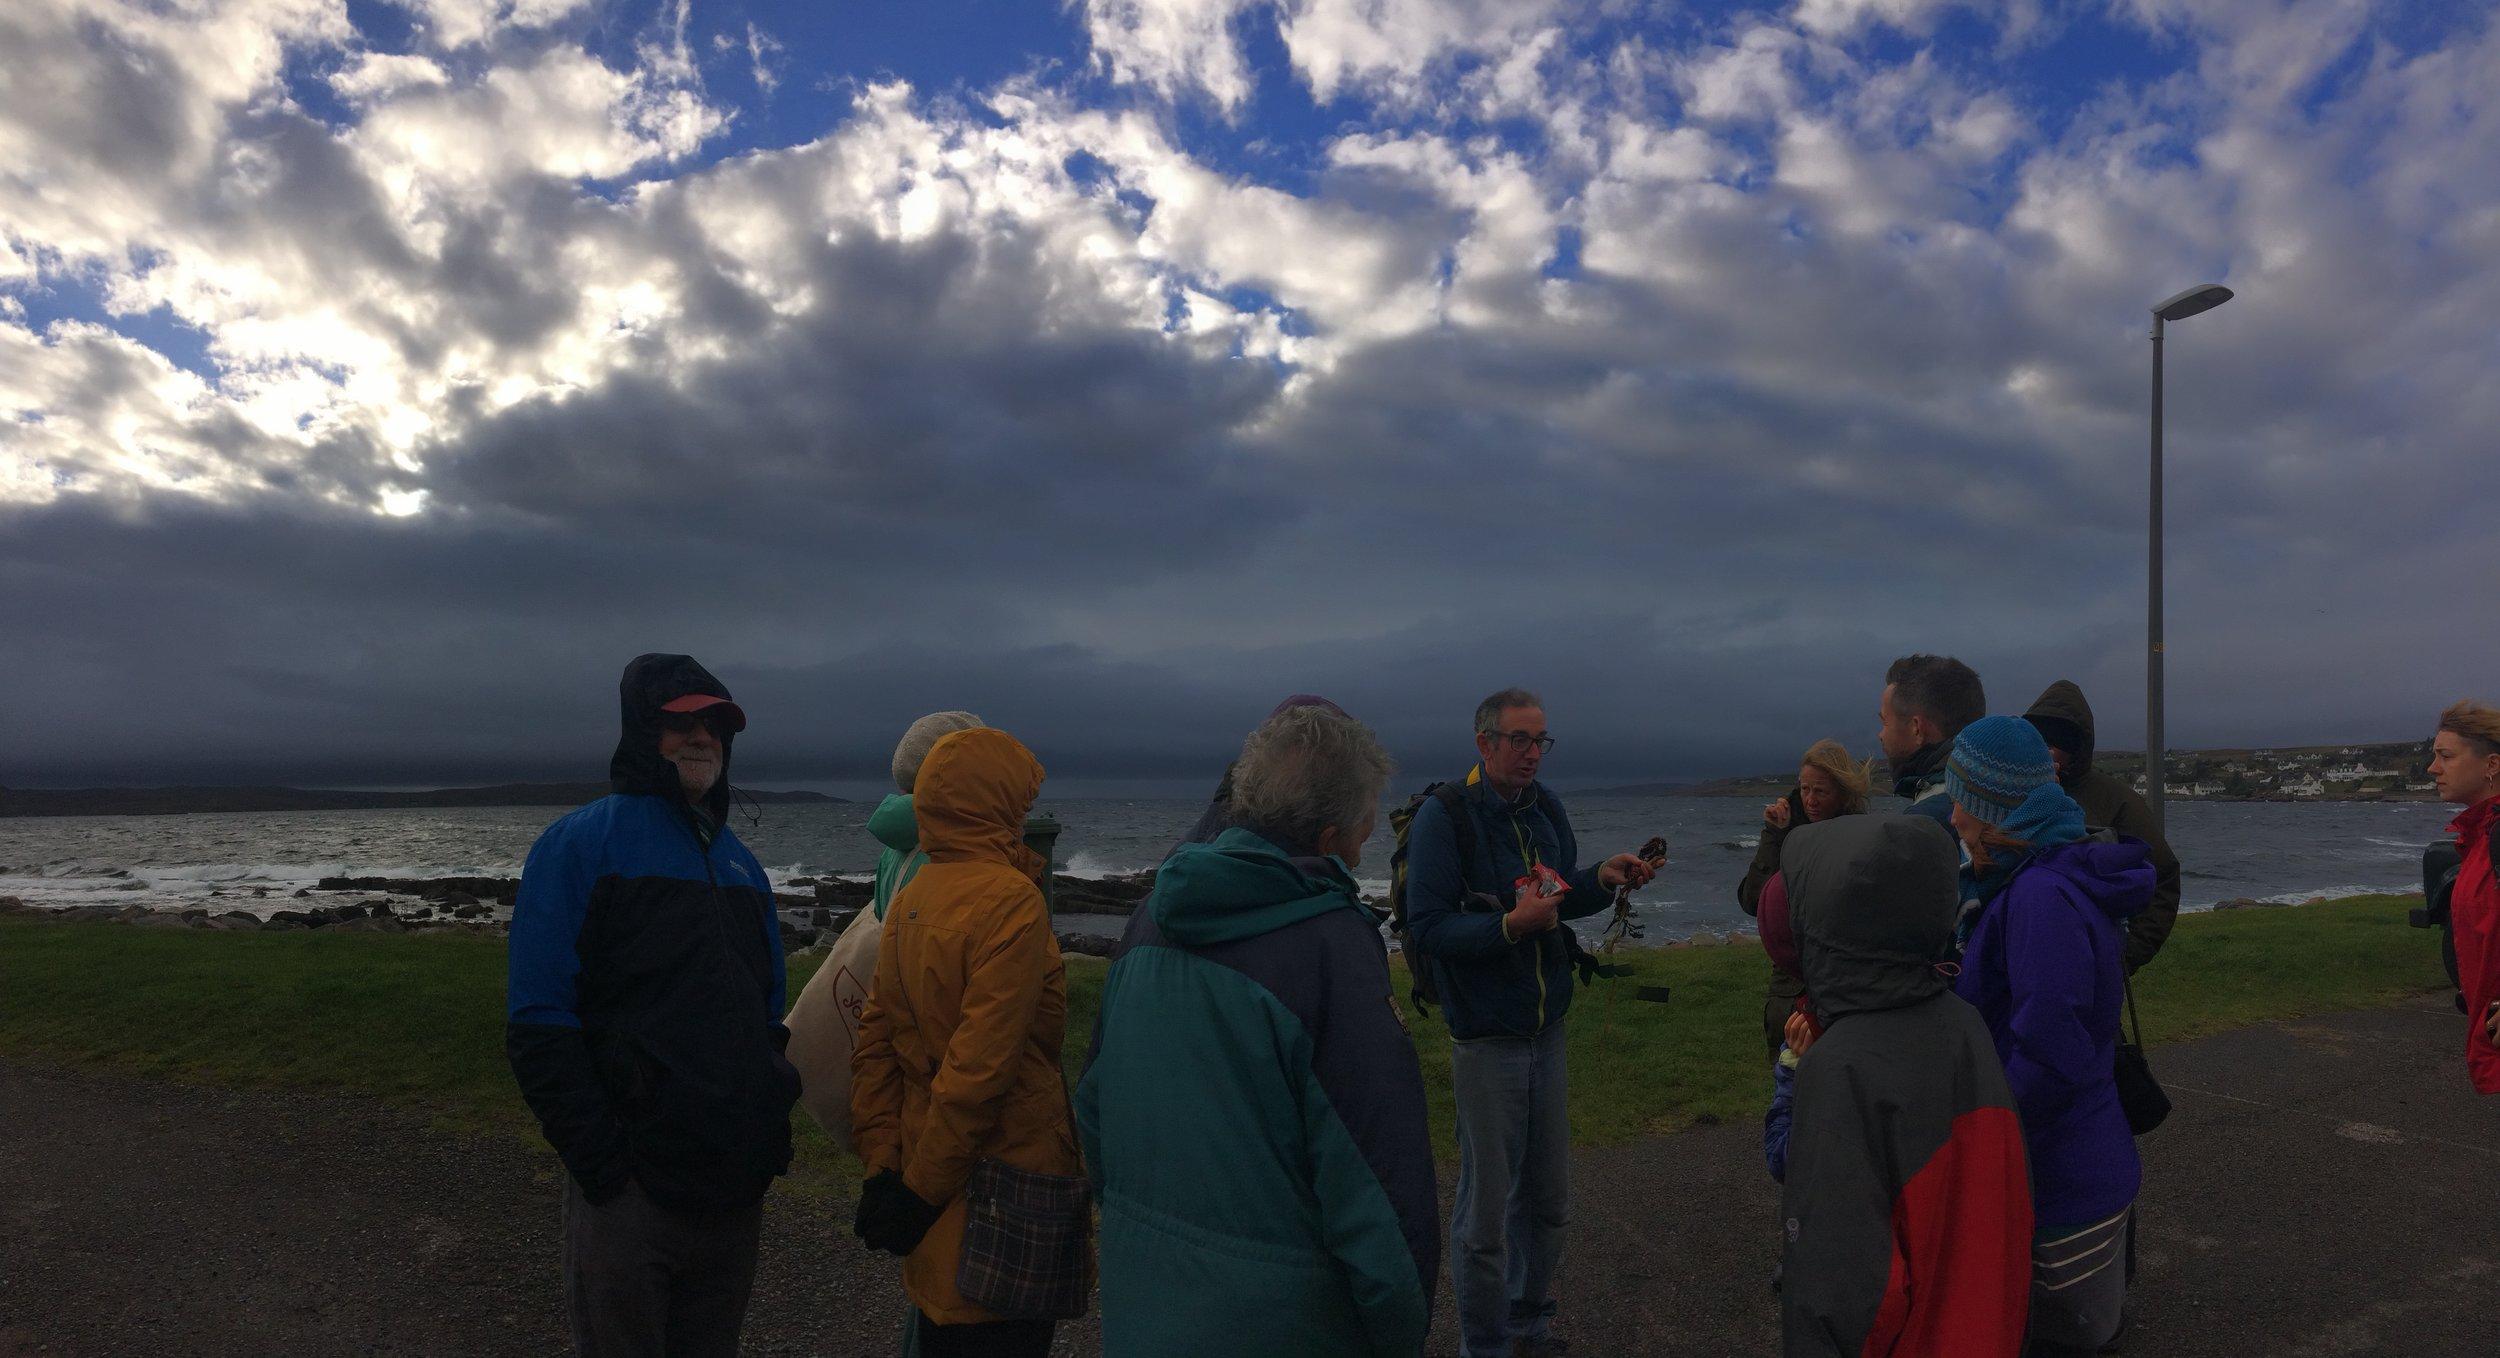 Threatening skies over Loch Gairloch